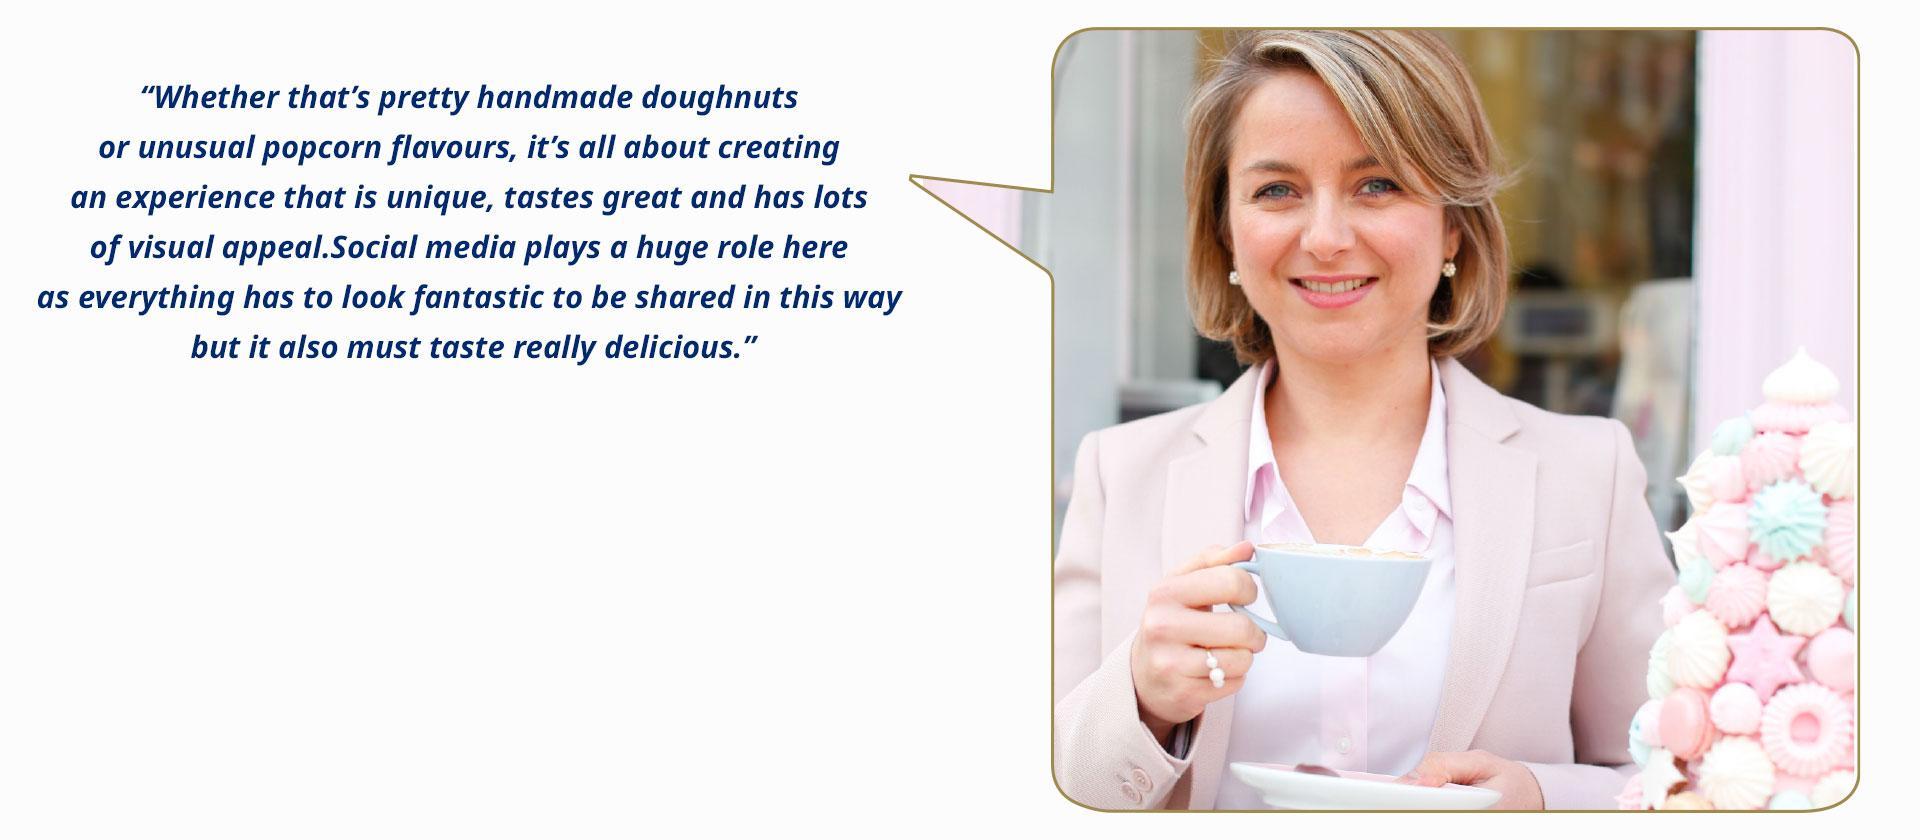 Peggy Porschen (UK), founder and creative director at Peggy Porschen Cakes